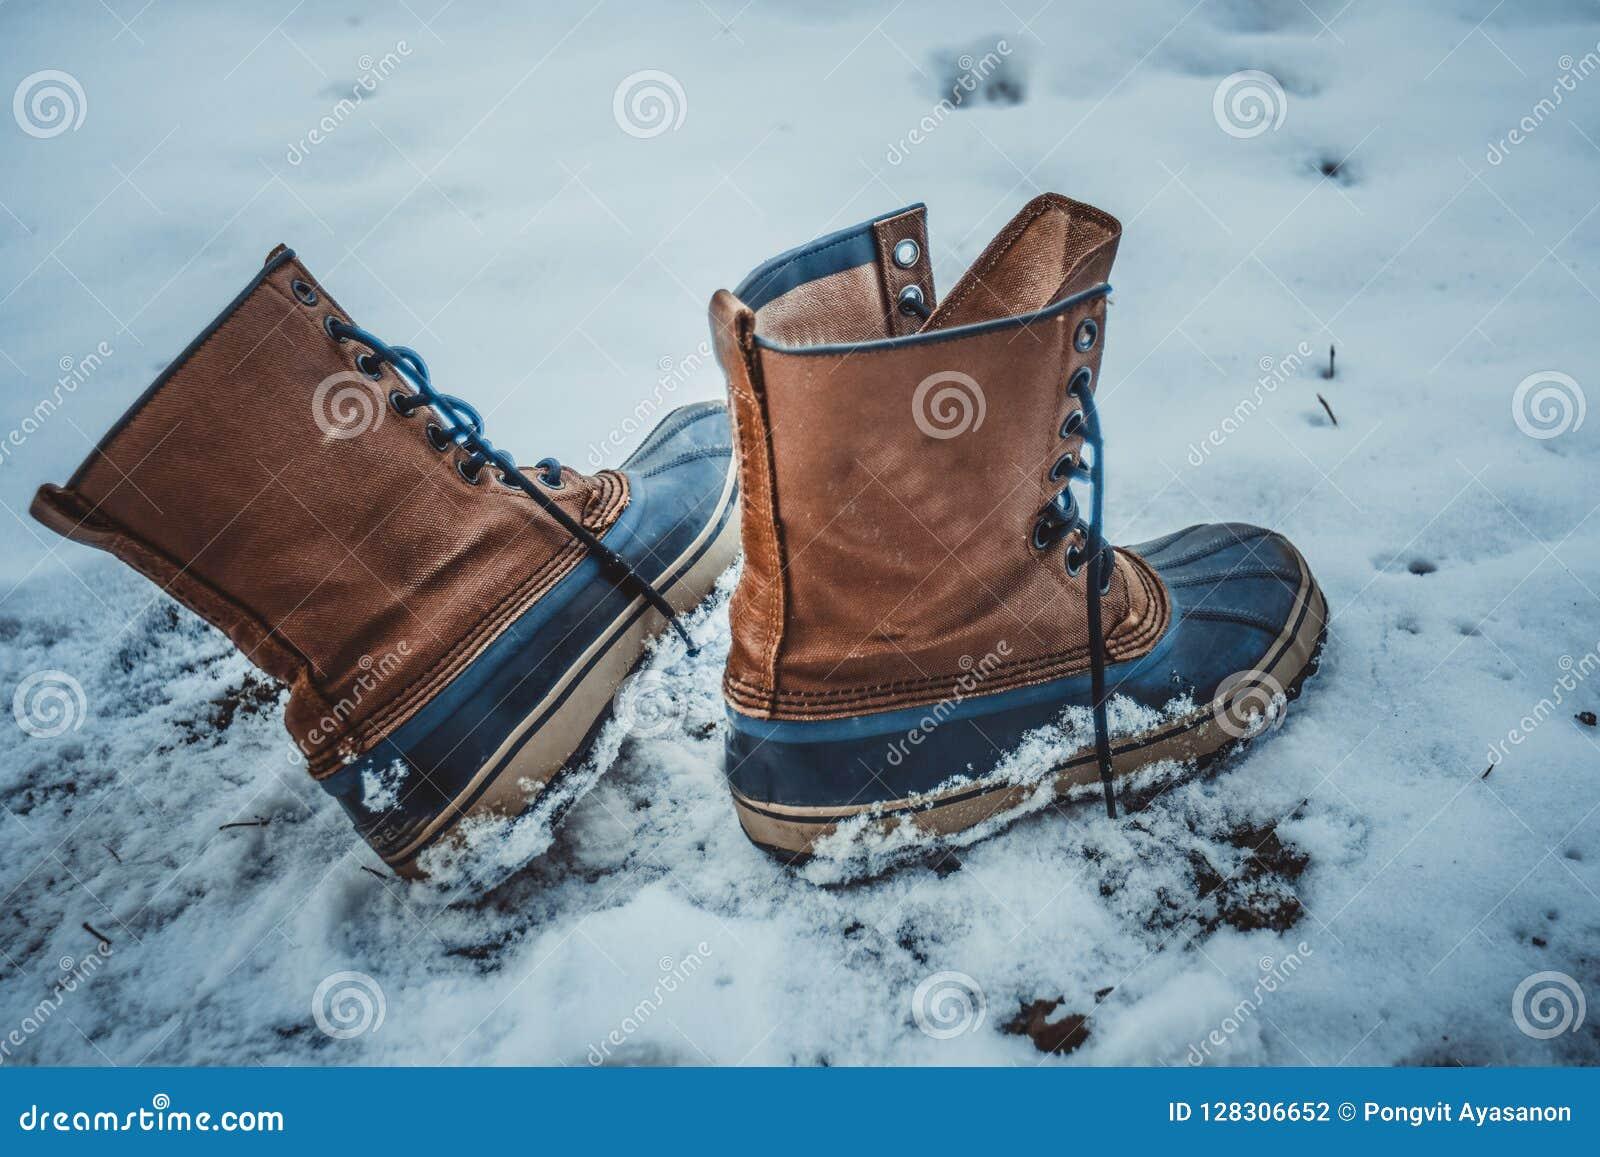 Τα παπούτσια δέρματος αφέθηκαν μόνα στο χιόνι